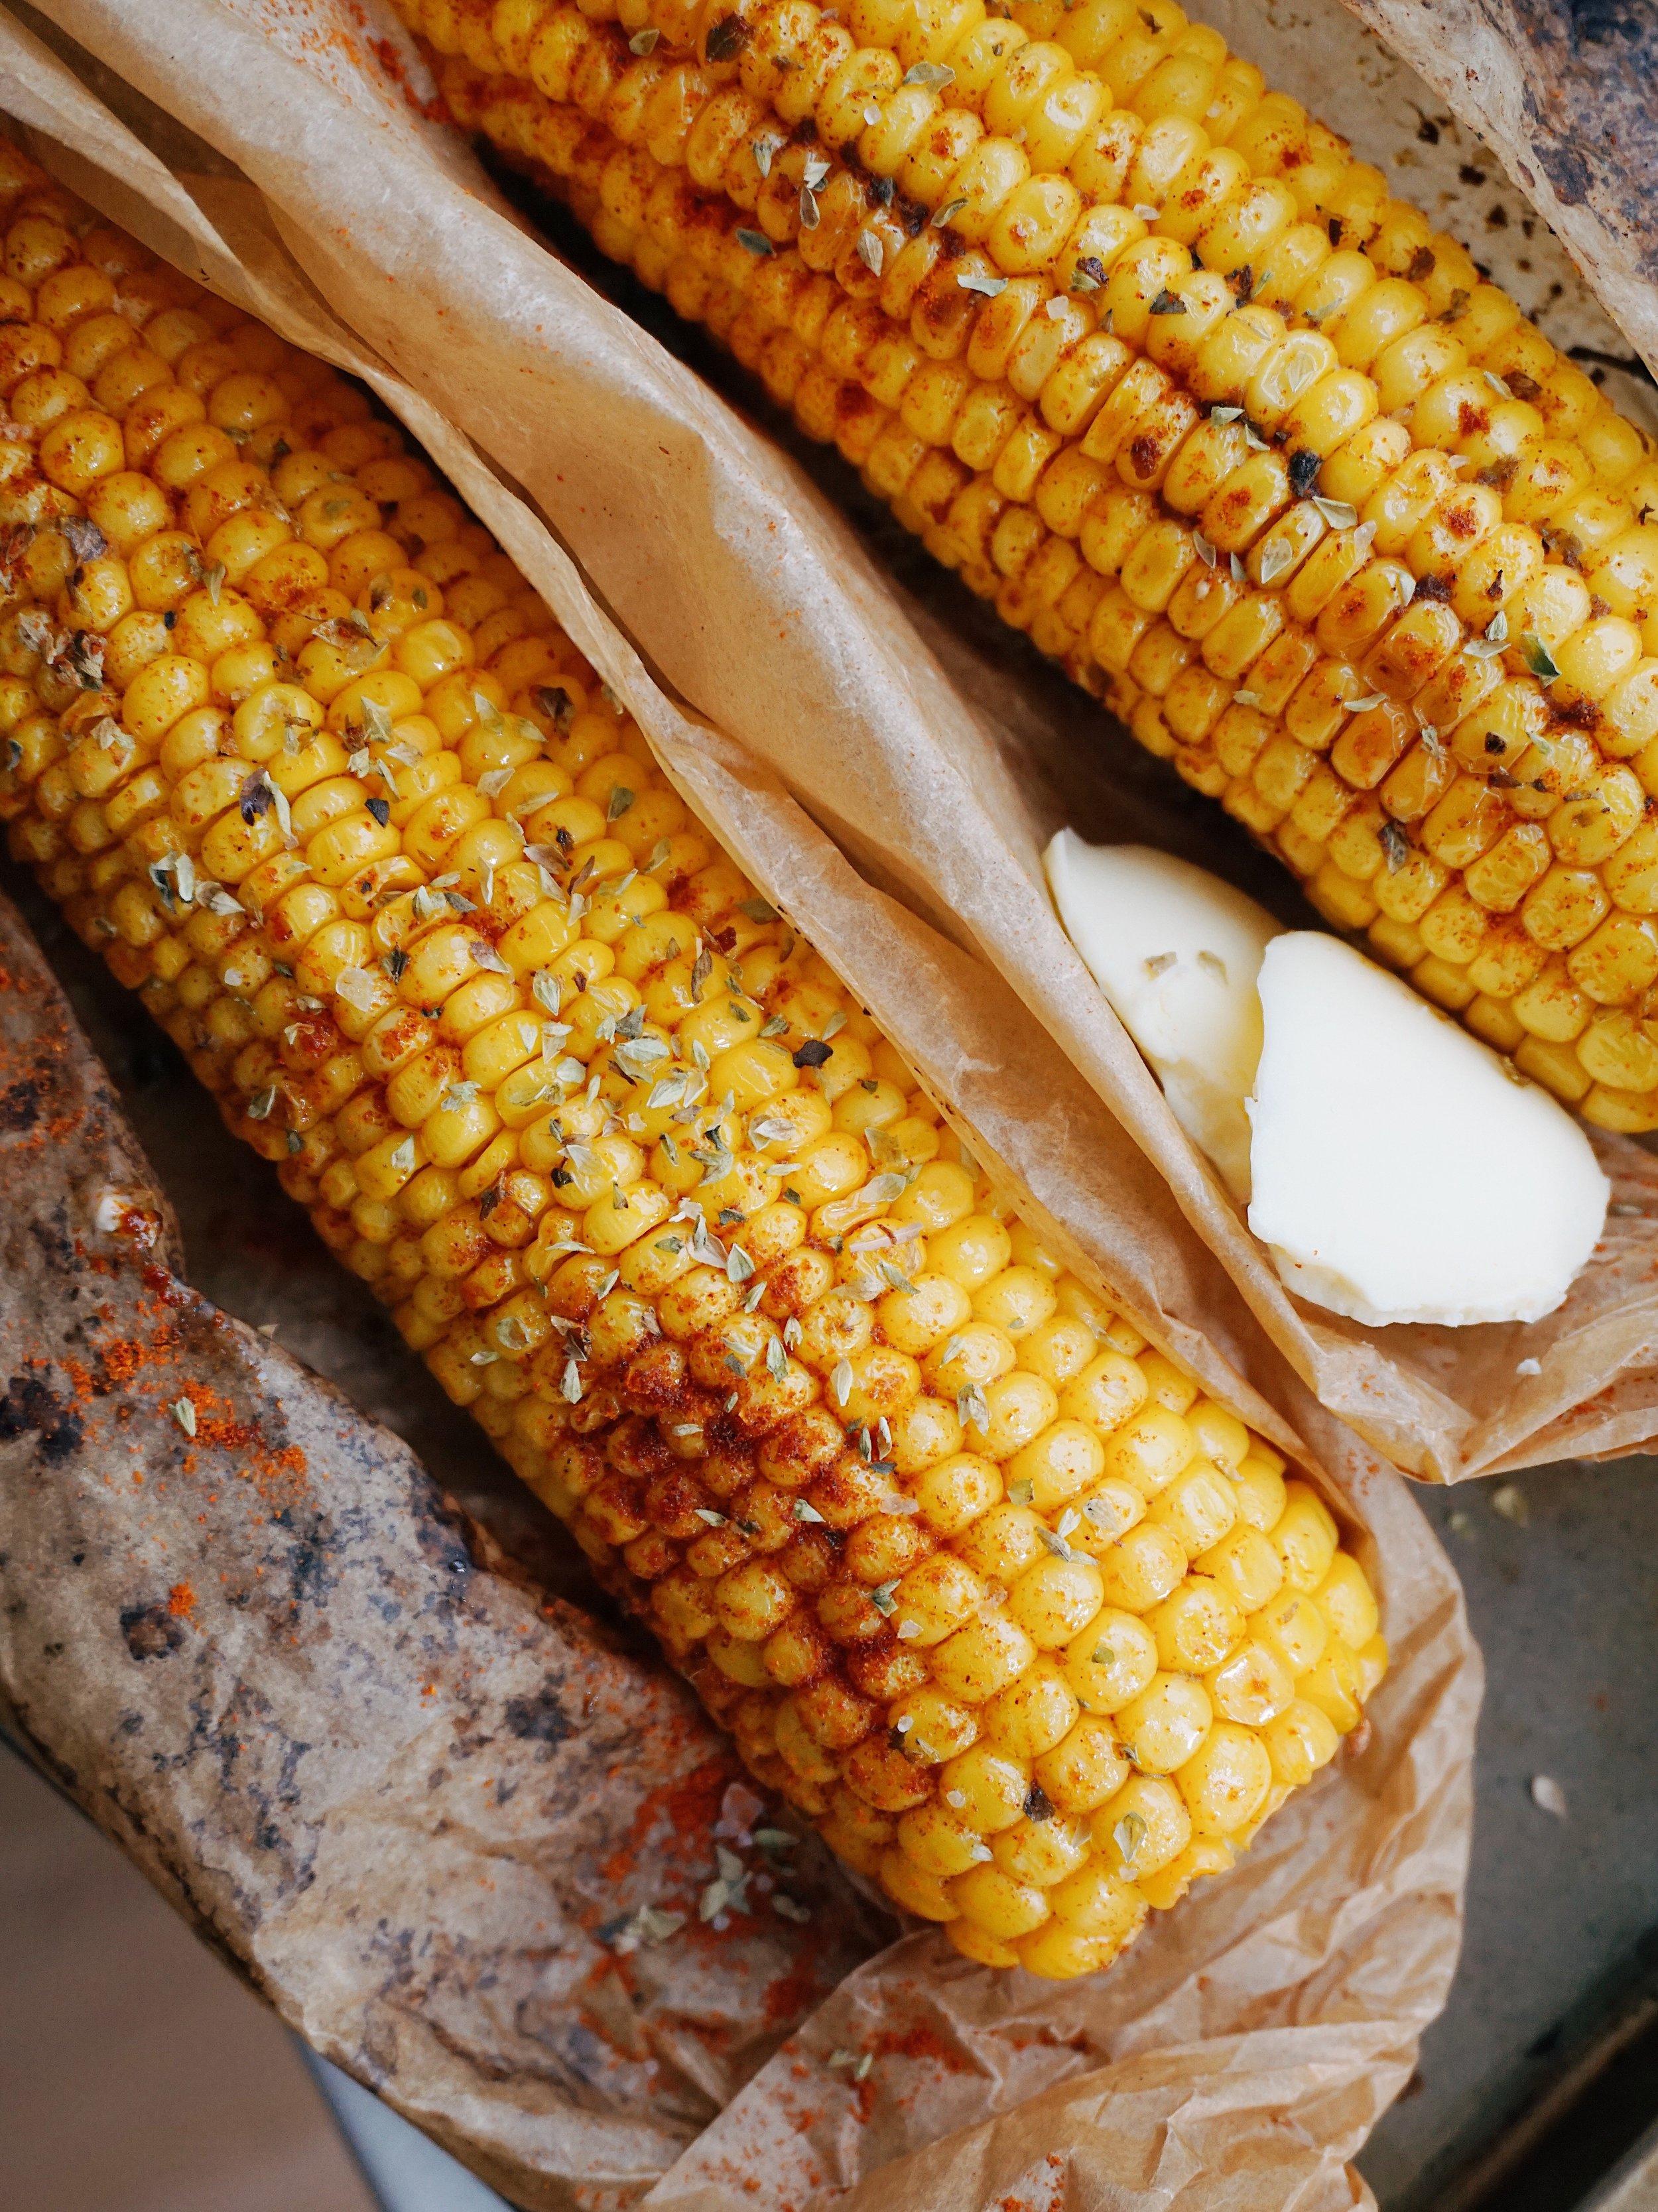 cepeškrāsnī gatavotas kukurūzas vālītes - kukurūza tikko no cepeškrāsns ir mīksta, mazliet kraukšķ un kopā ar sviestu drusku garšo pēc laimes 🌽